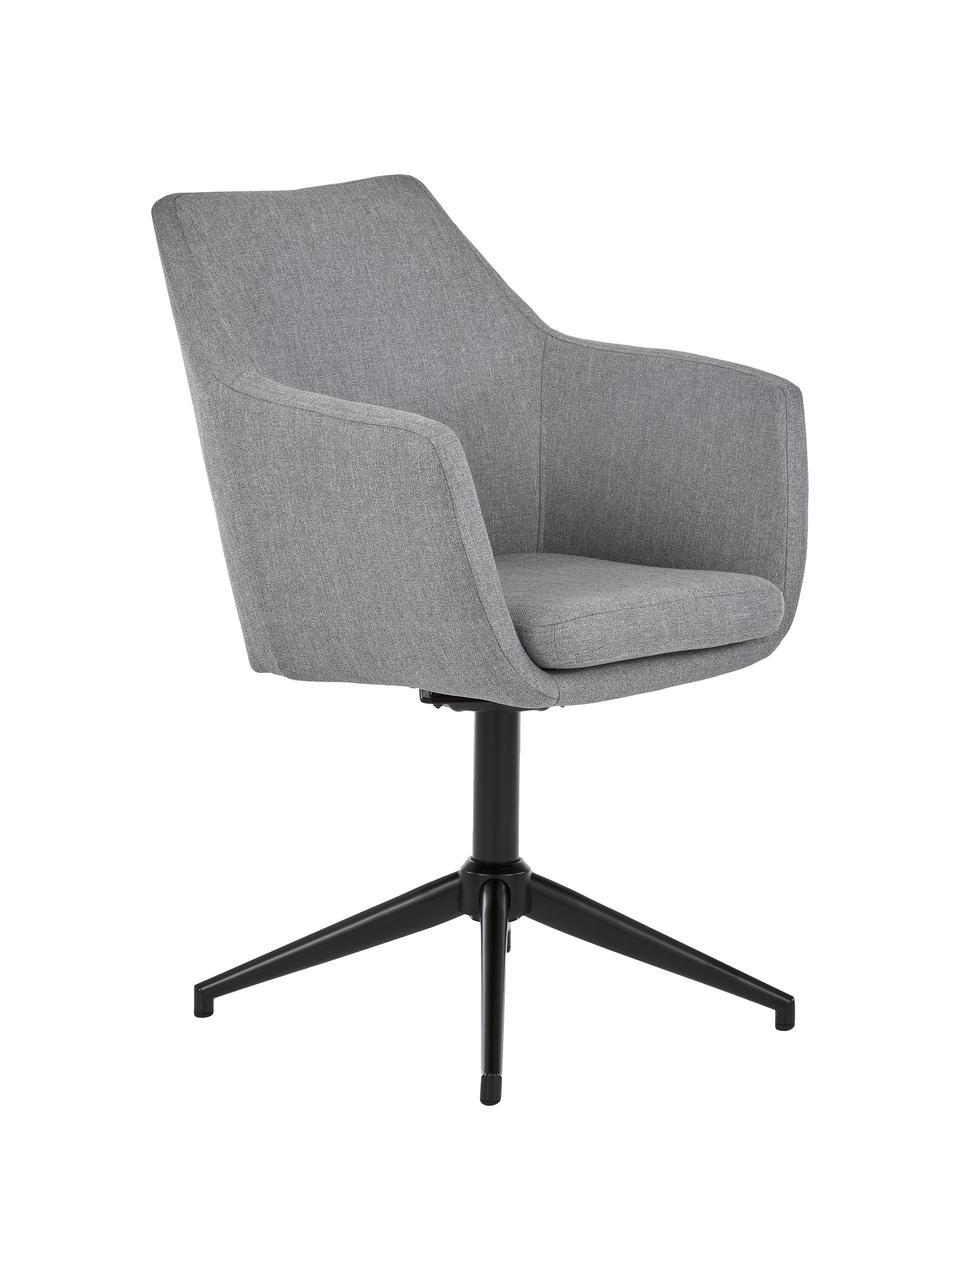 Chaise pivotante avec accoudoirs Nora, Tissu gris clair, pieds noir